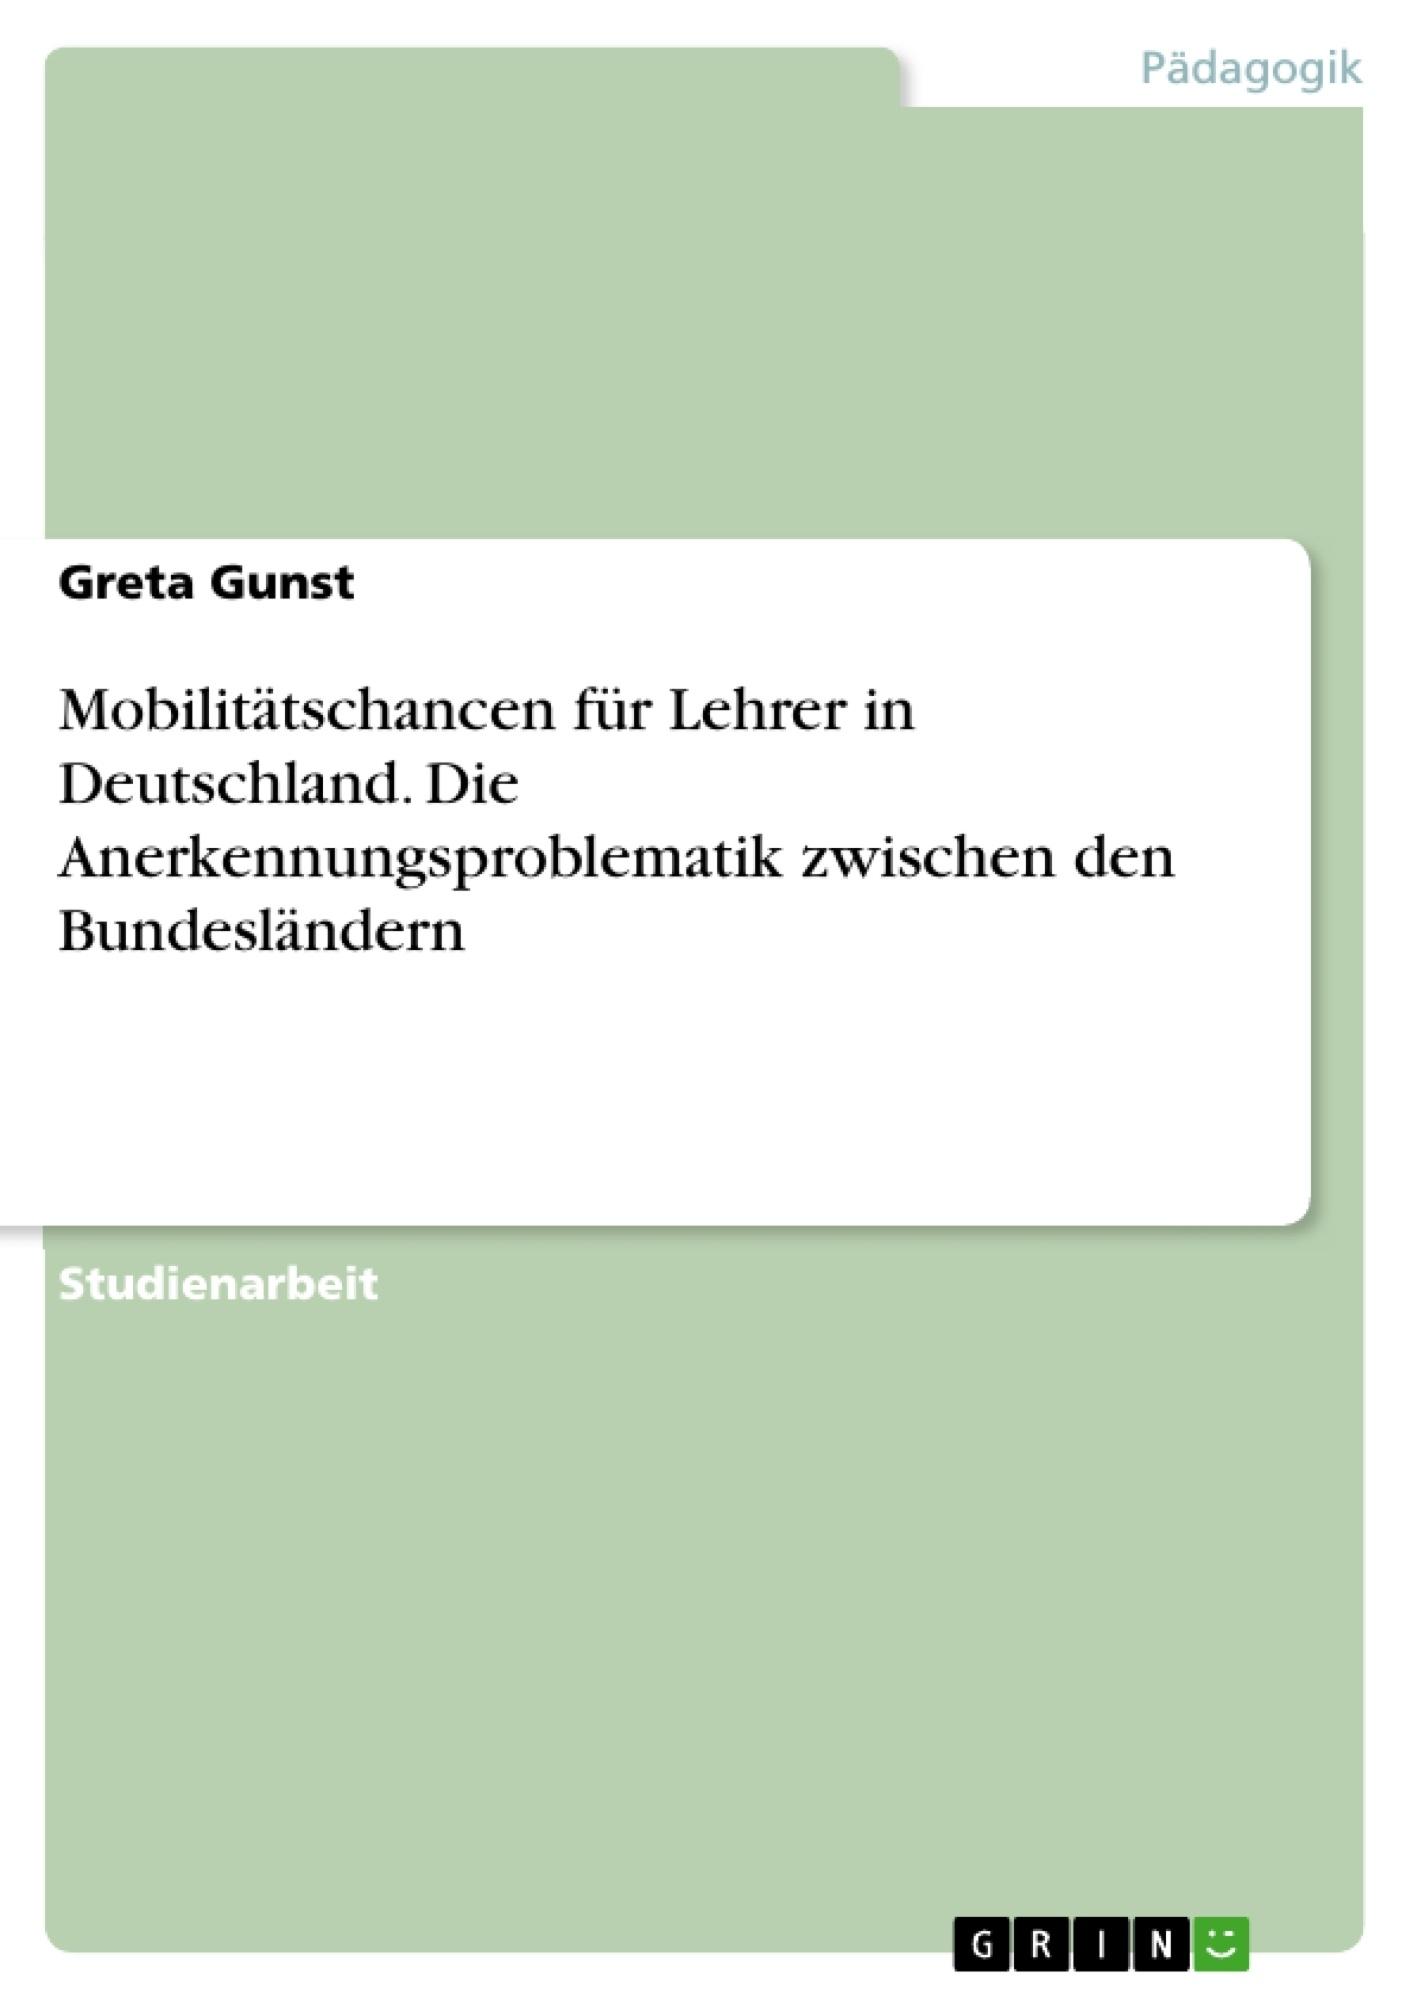 Titel: Mobilitätschancen für Lehrer in Deutschland. Die Anerkennungsproblematik zwischen den Bundesländern